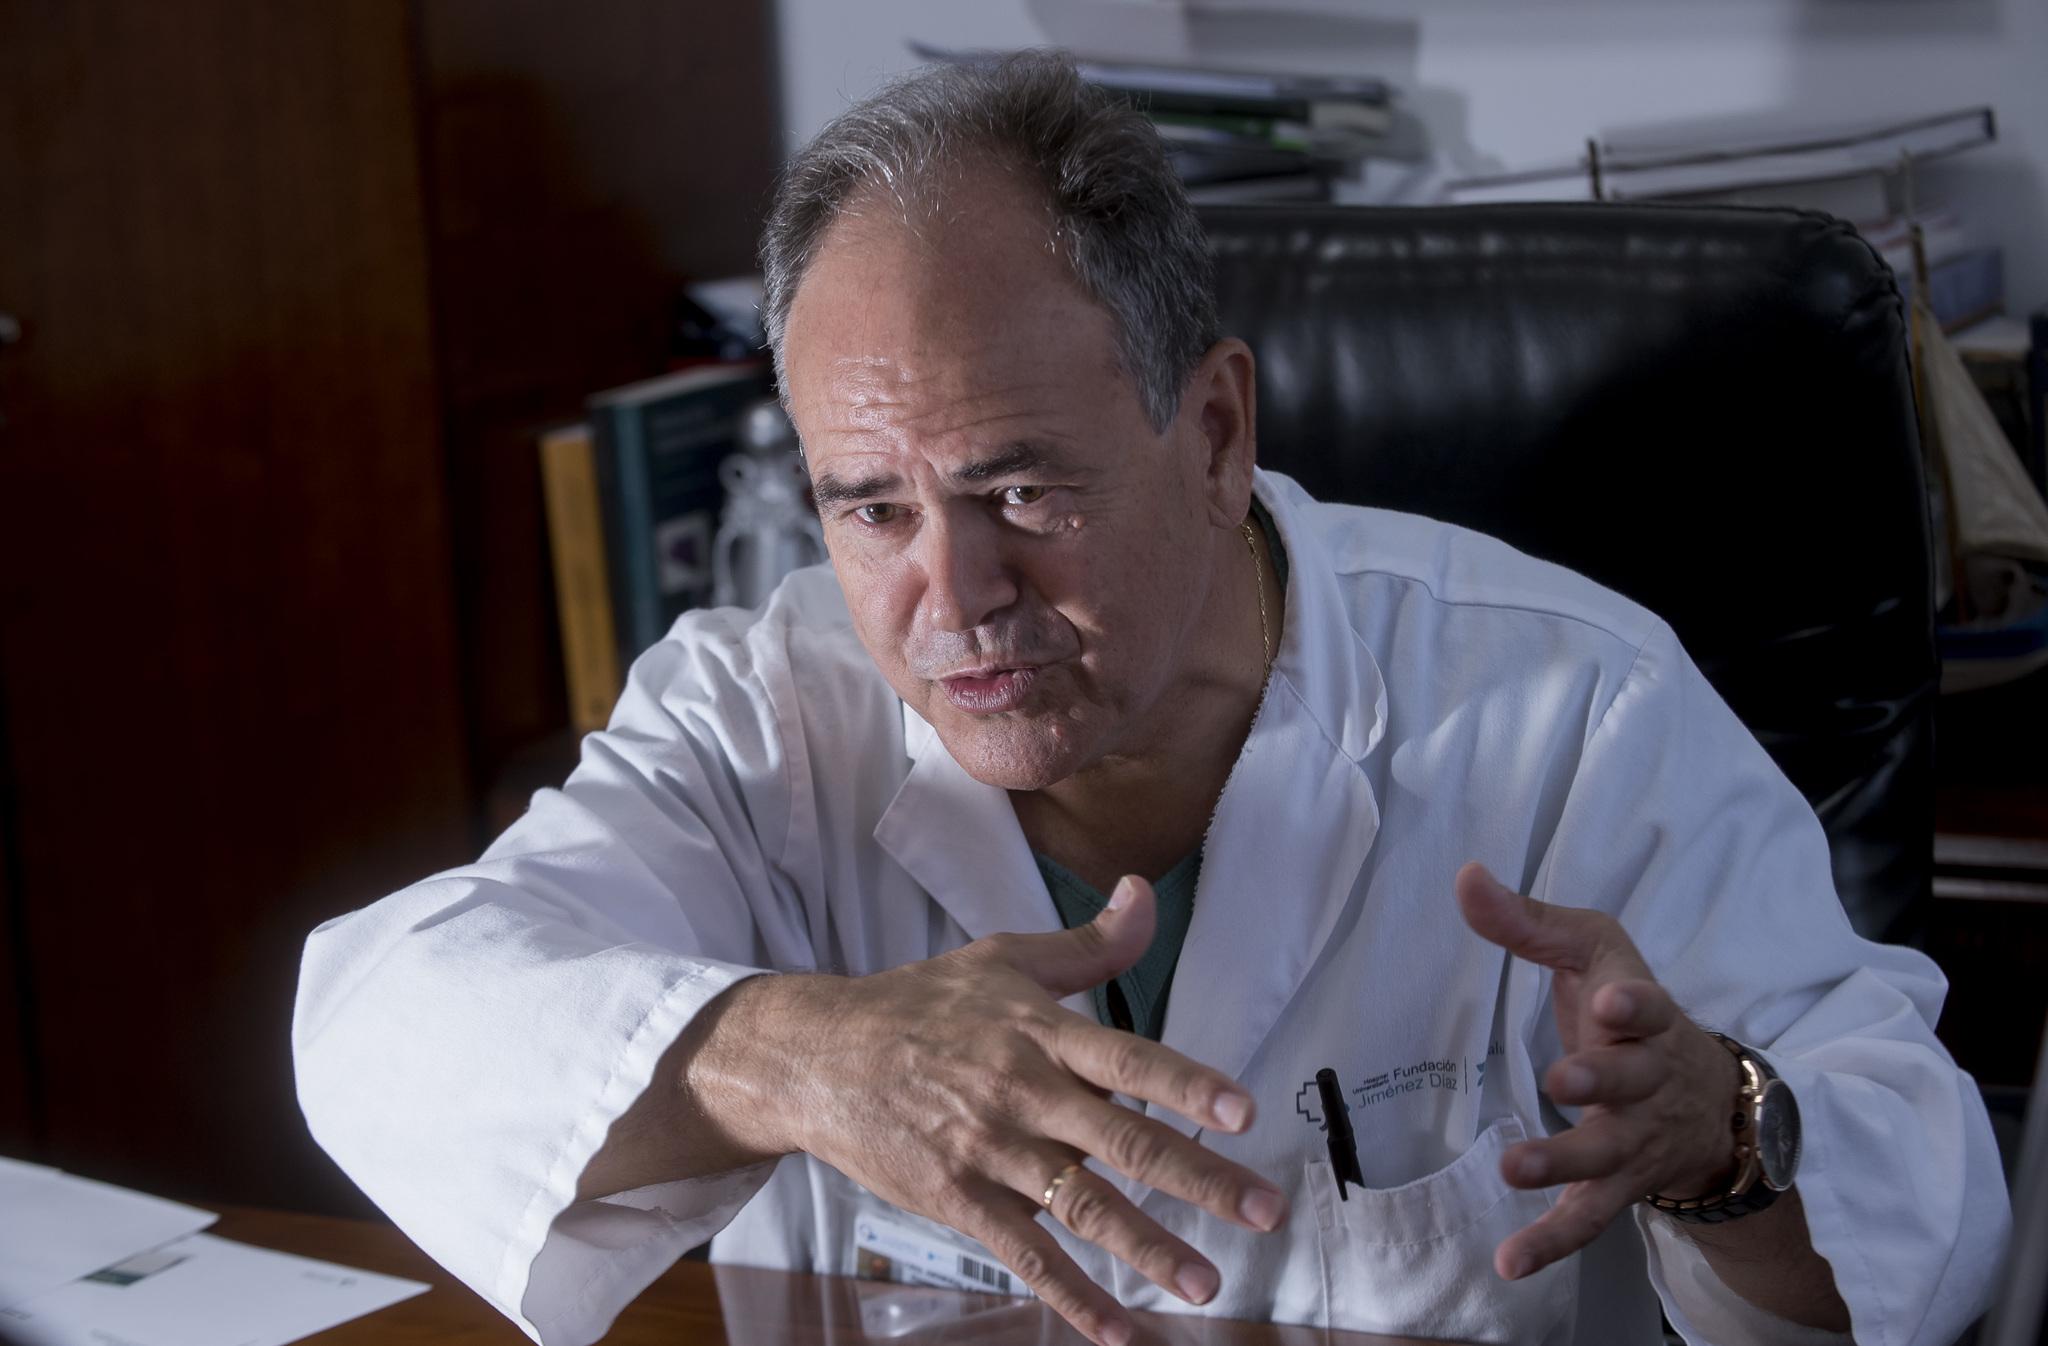 Damián García-Olmo, jefe del servicio de Cirugía del Hospital Universitario Fundación Jiménez Díaz de Madrid.